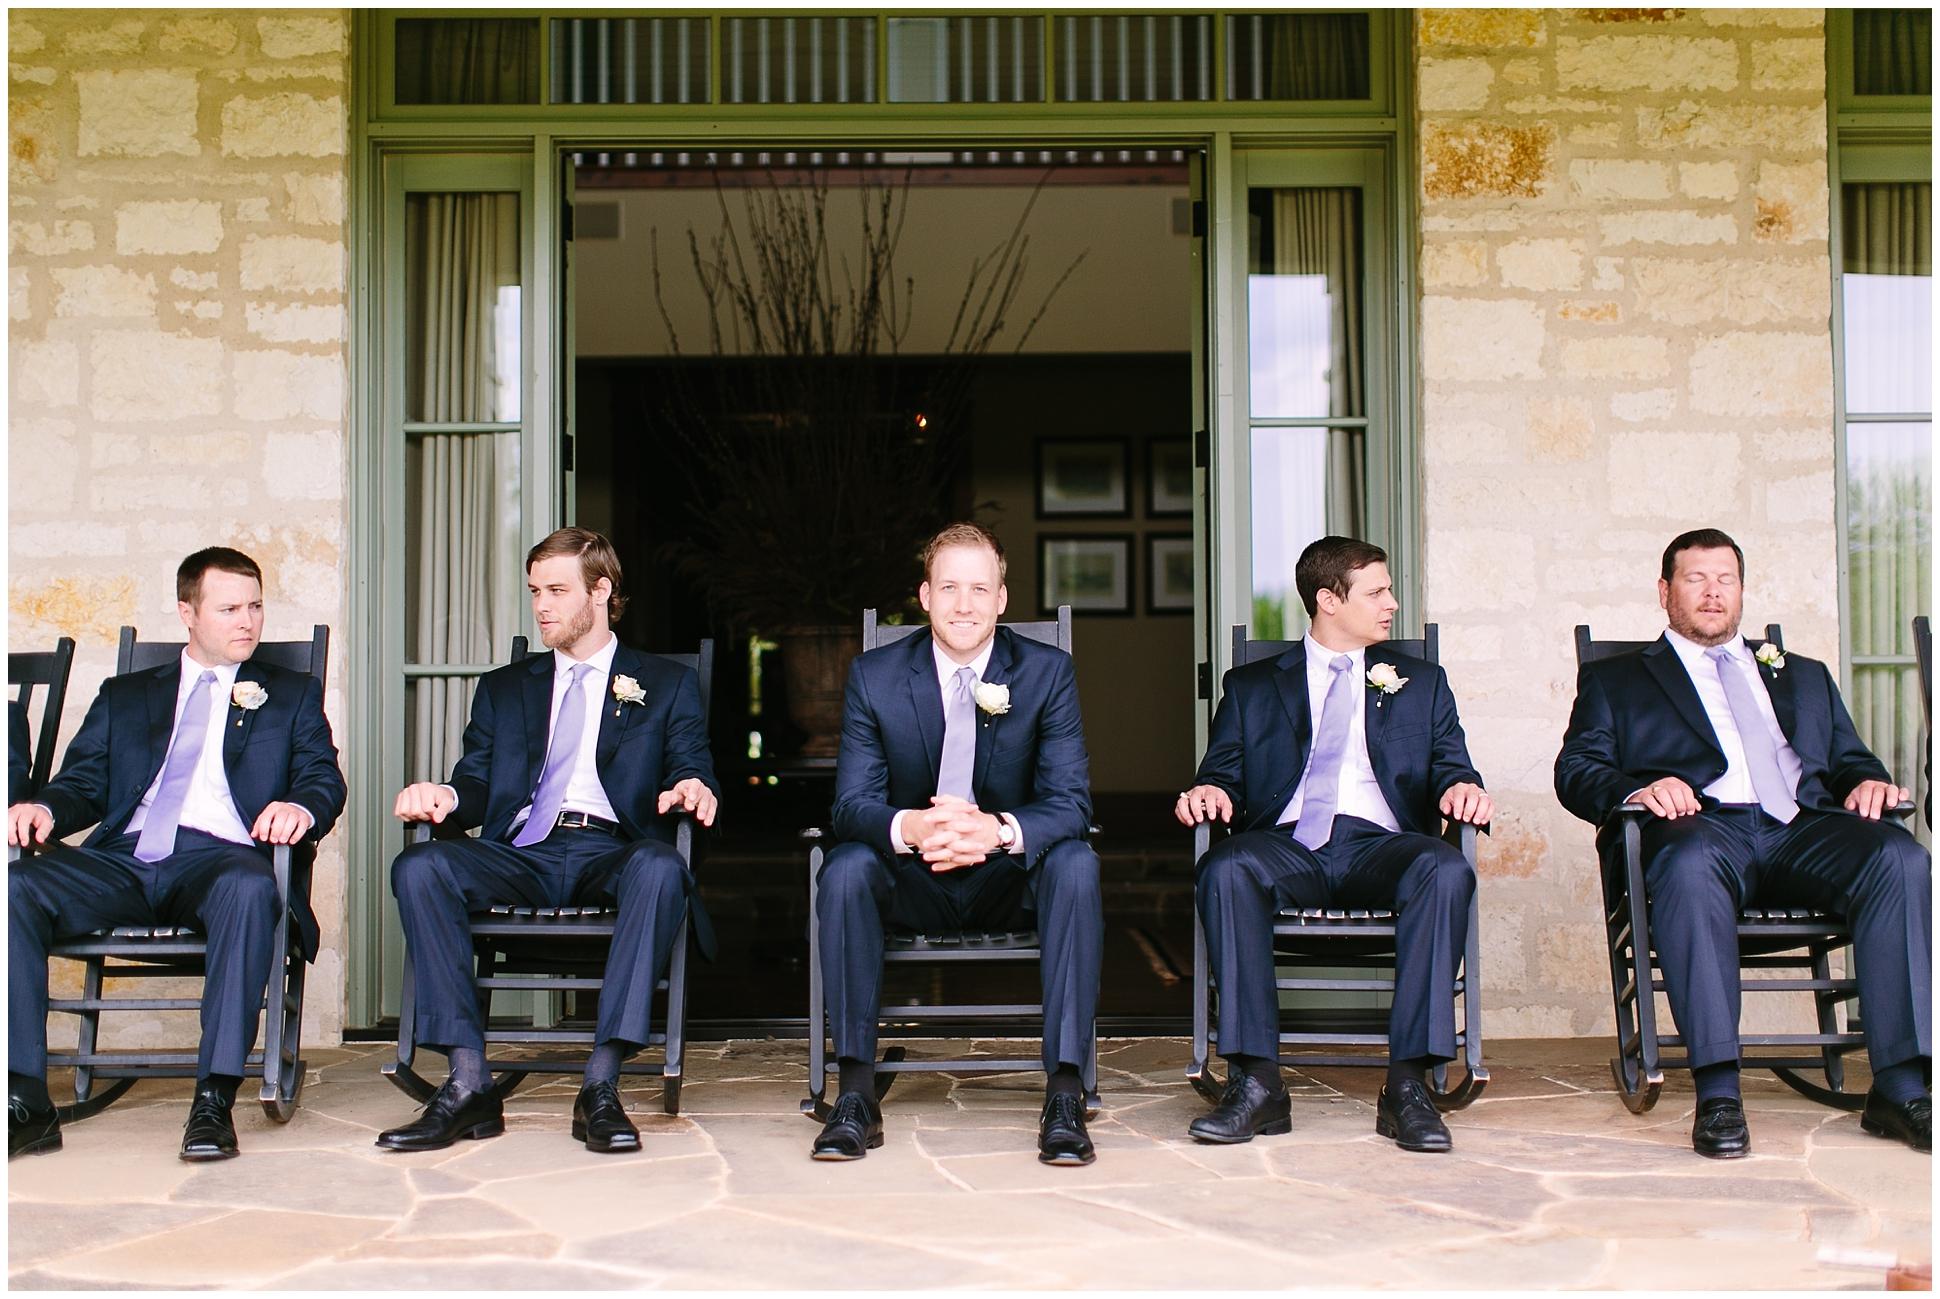 www.amandajameson.com